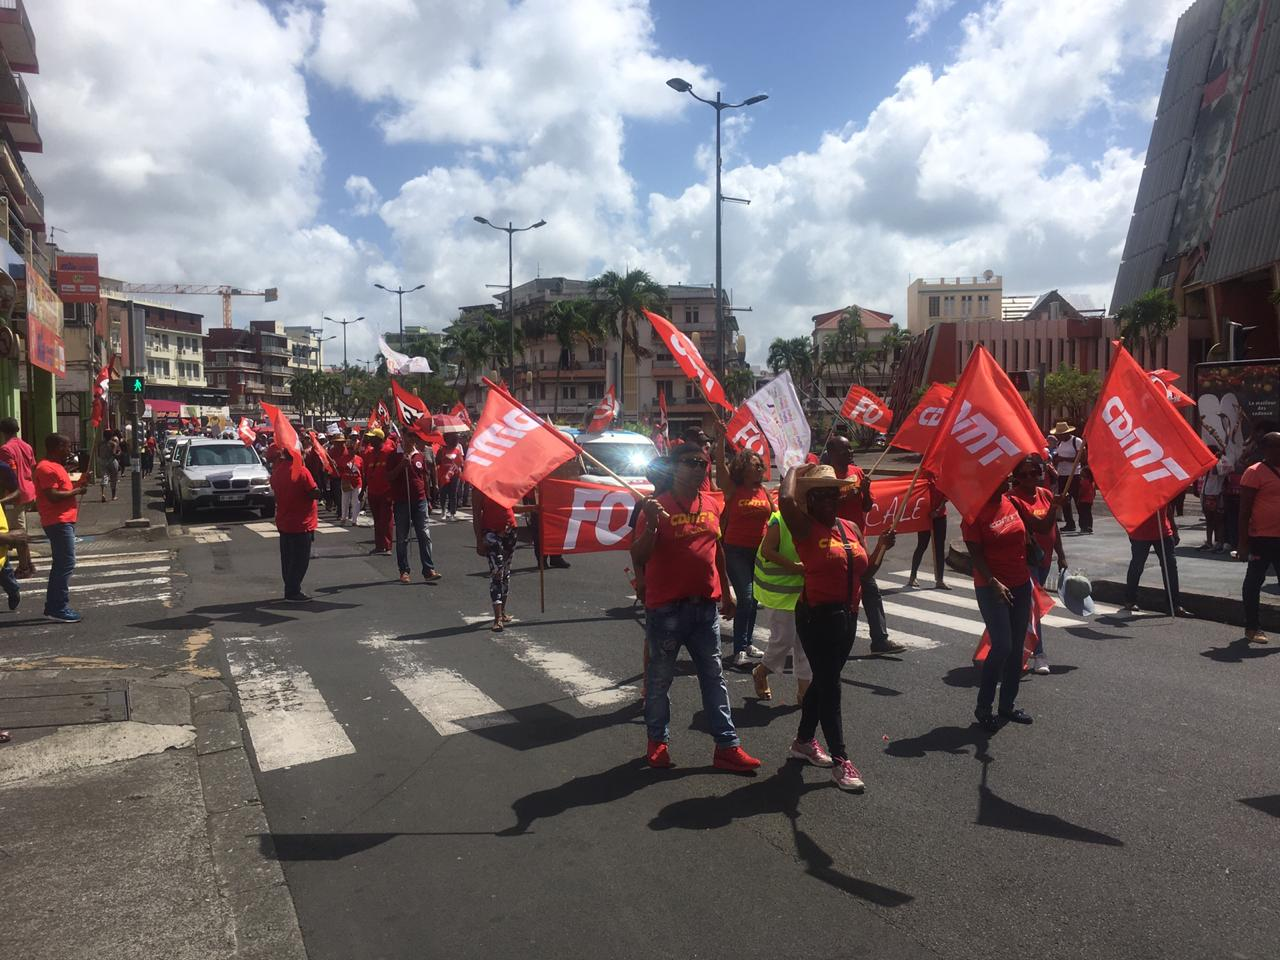 Mobilisation contre la réforme des retraites : entre 1 500 et 2 000 personnes dans les rues de Fort-de-France